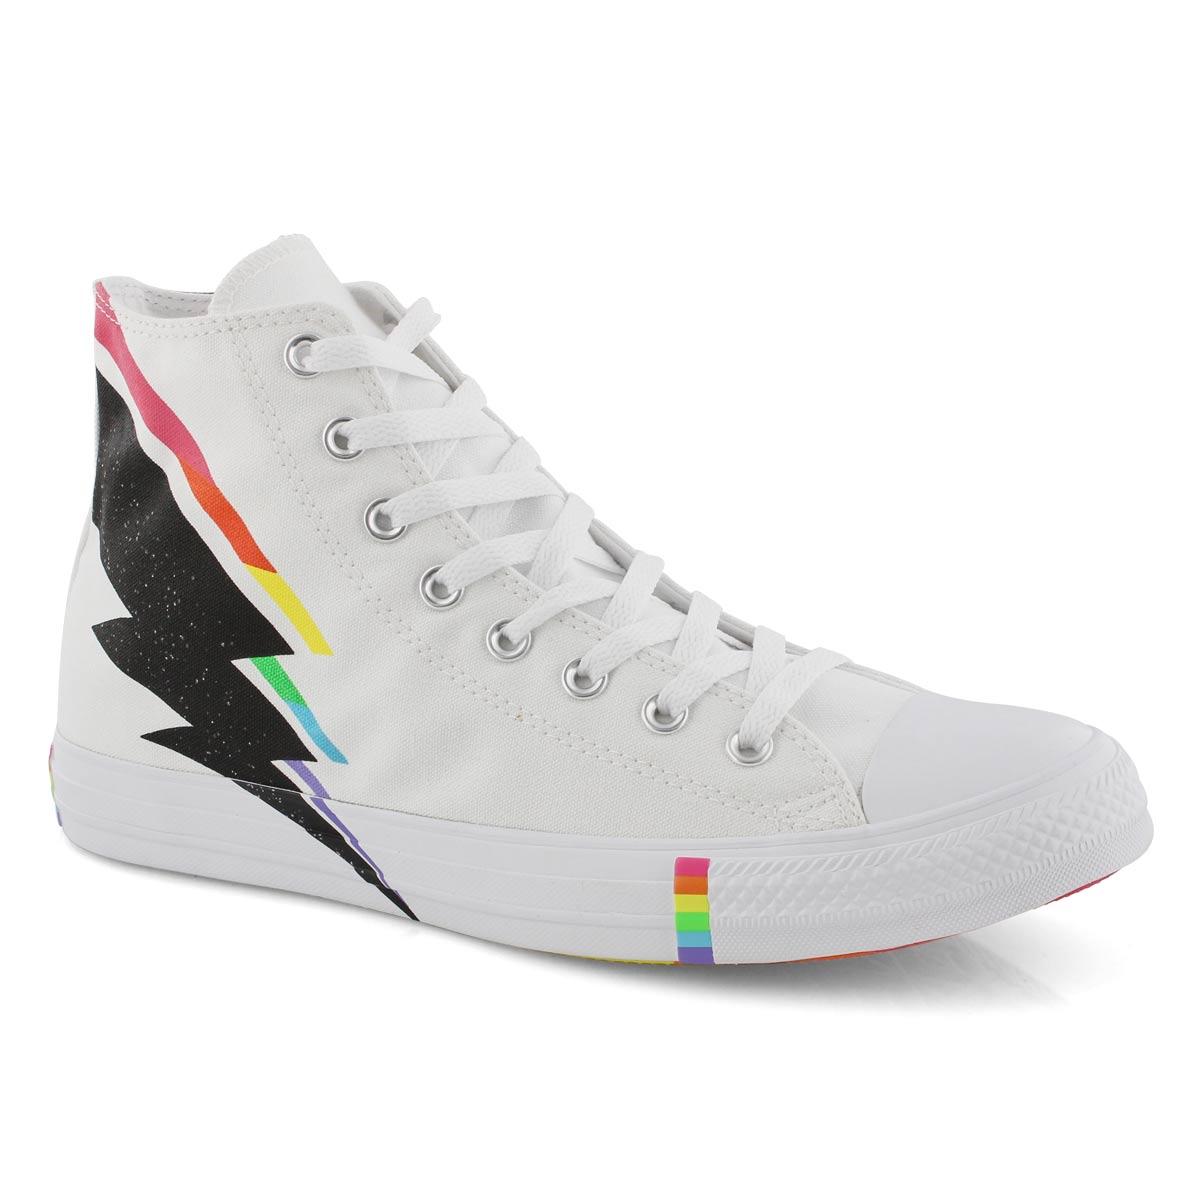 Mns CTAS Rainbow Pride Hi wht/mlt snkr